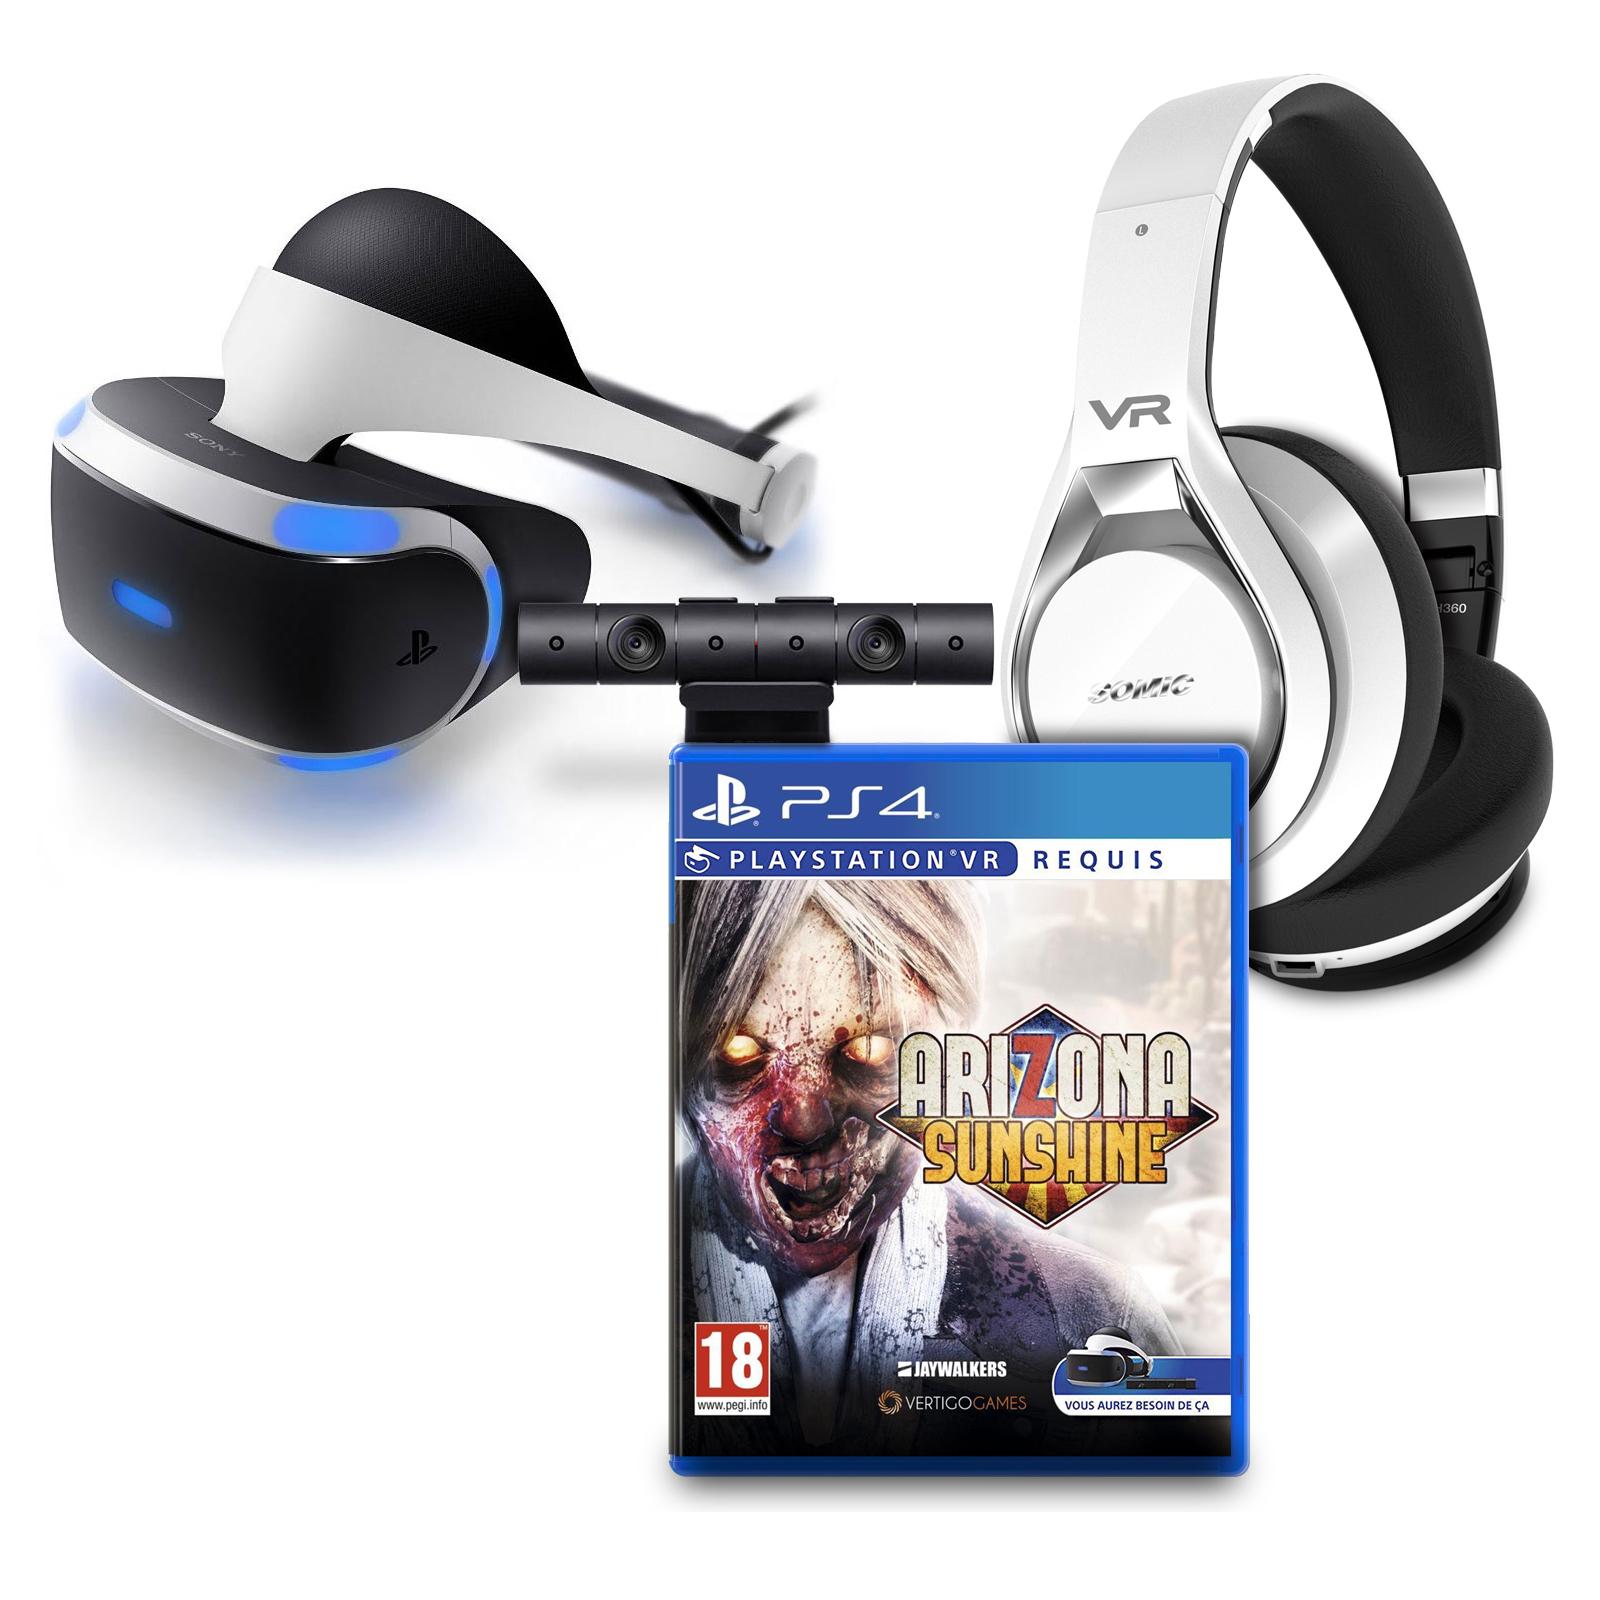 Accessoires PS4 Sony PlayStation VR (PSVR) + Caméra v2 + Arizona Sunshine VR + Somic VRH360 OFFERT ! Casque de réalité virtuelle pour PlayStation 4 + Caméra pour Playstation 4 + Jeu + Casque pour Réalité Virtuelle avec son Surround panoramique 4D 360° et unité de vibration